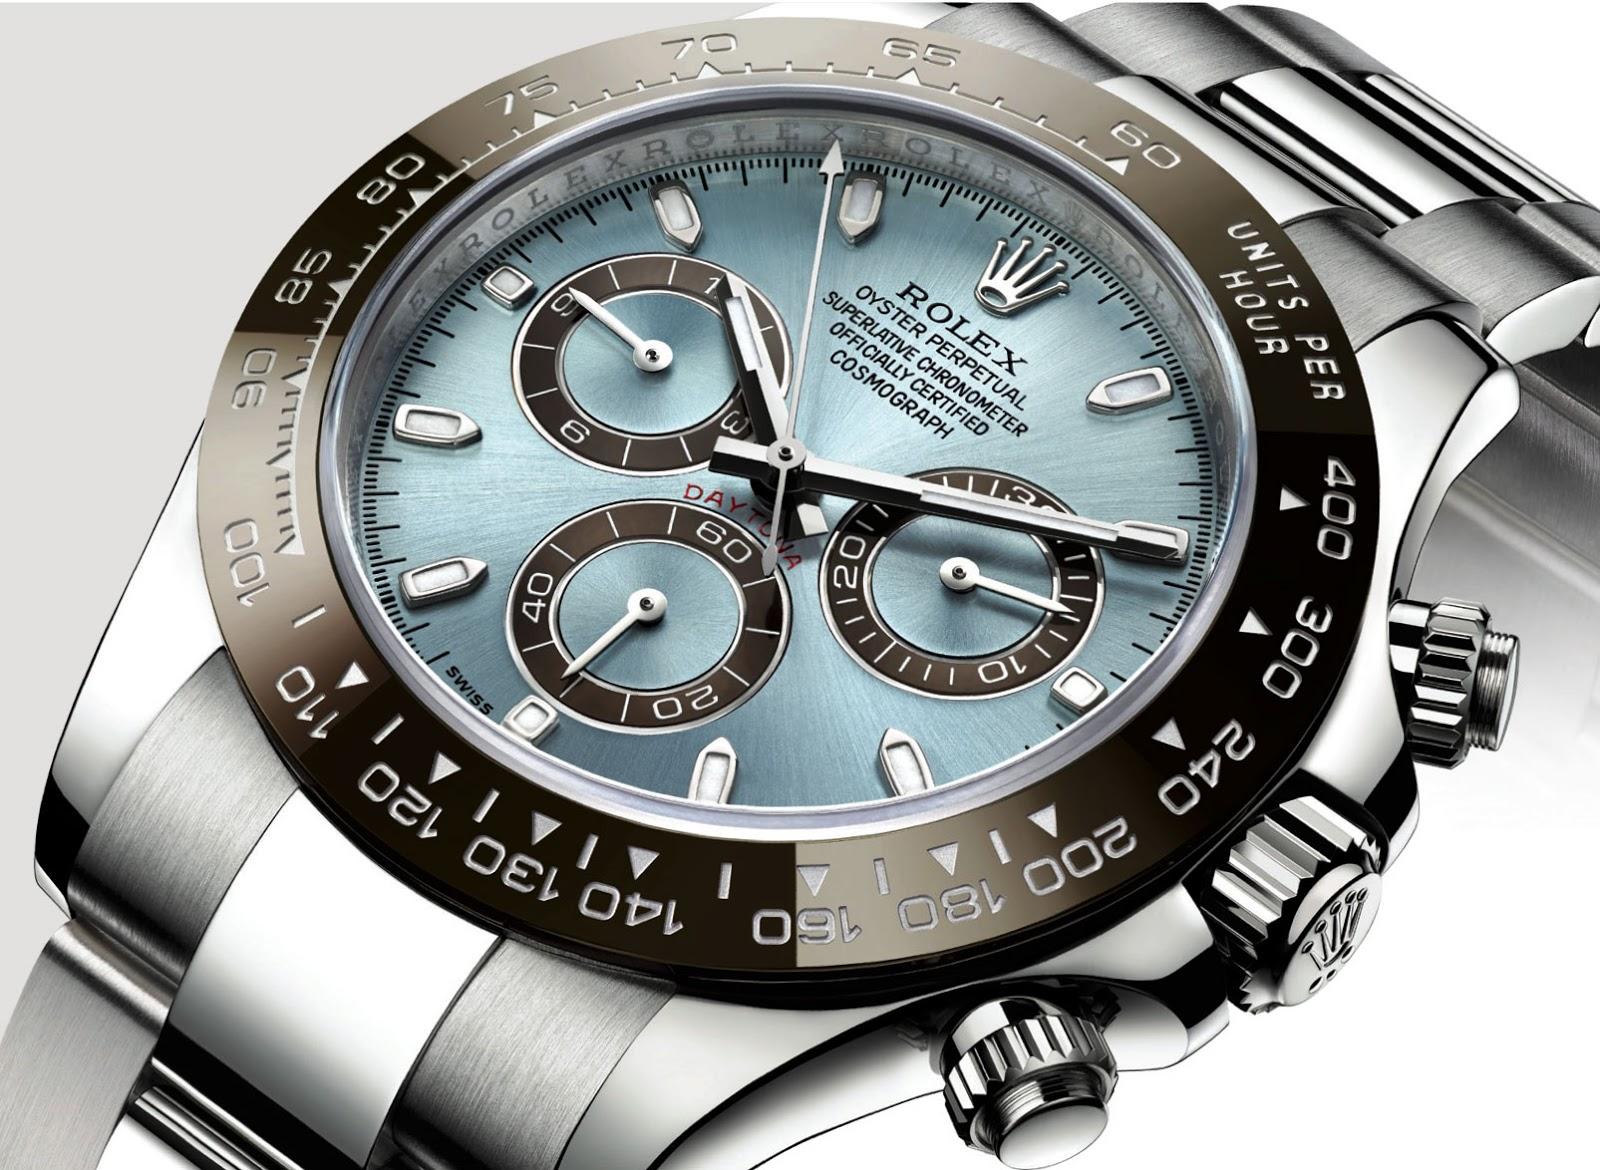 Какую сталь использует Rolex?